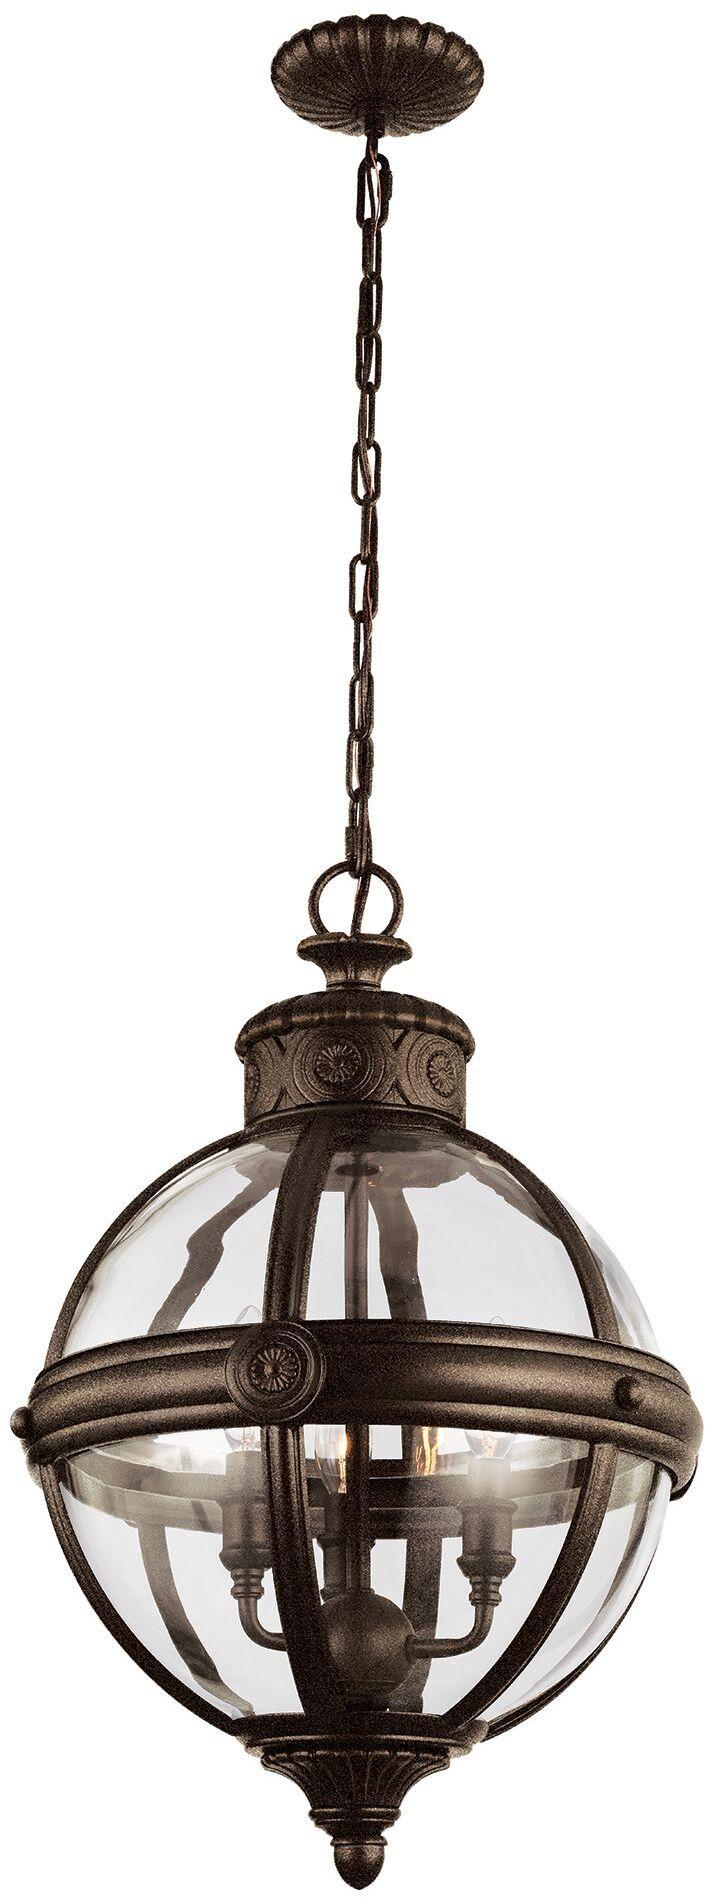 Lampa wisząca Adams FE/ADAMS/3P BRZ Feiss klasyczna oprawa w kolorze brązu